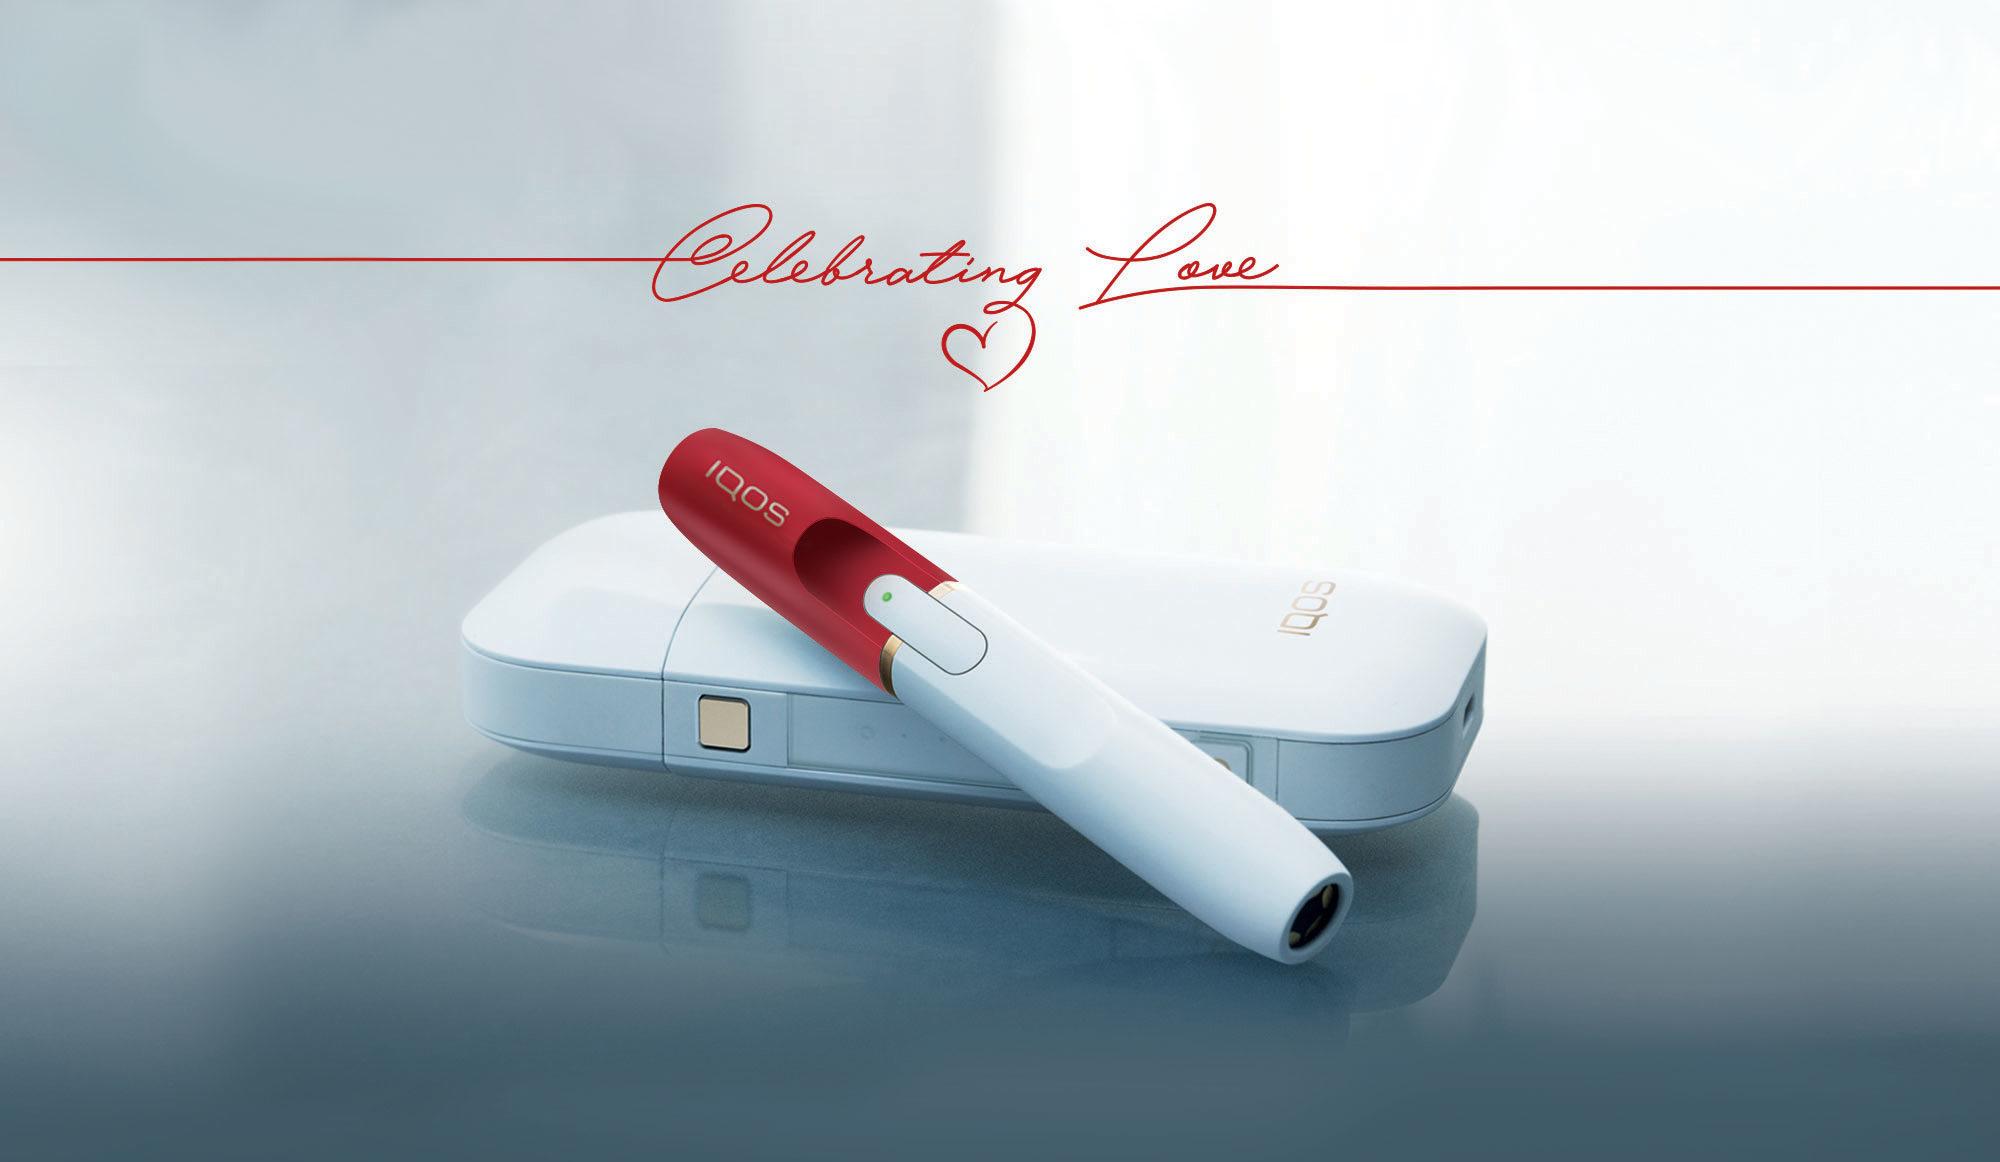 IQOS a San Valentino con Celebrating Love